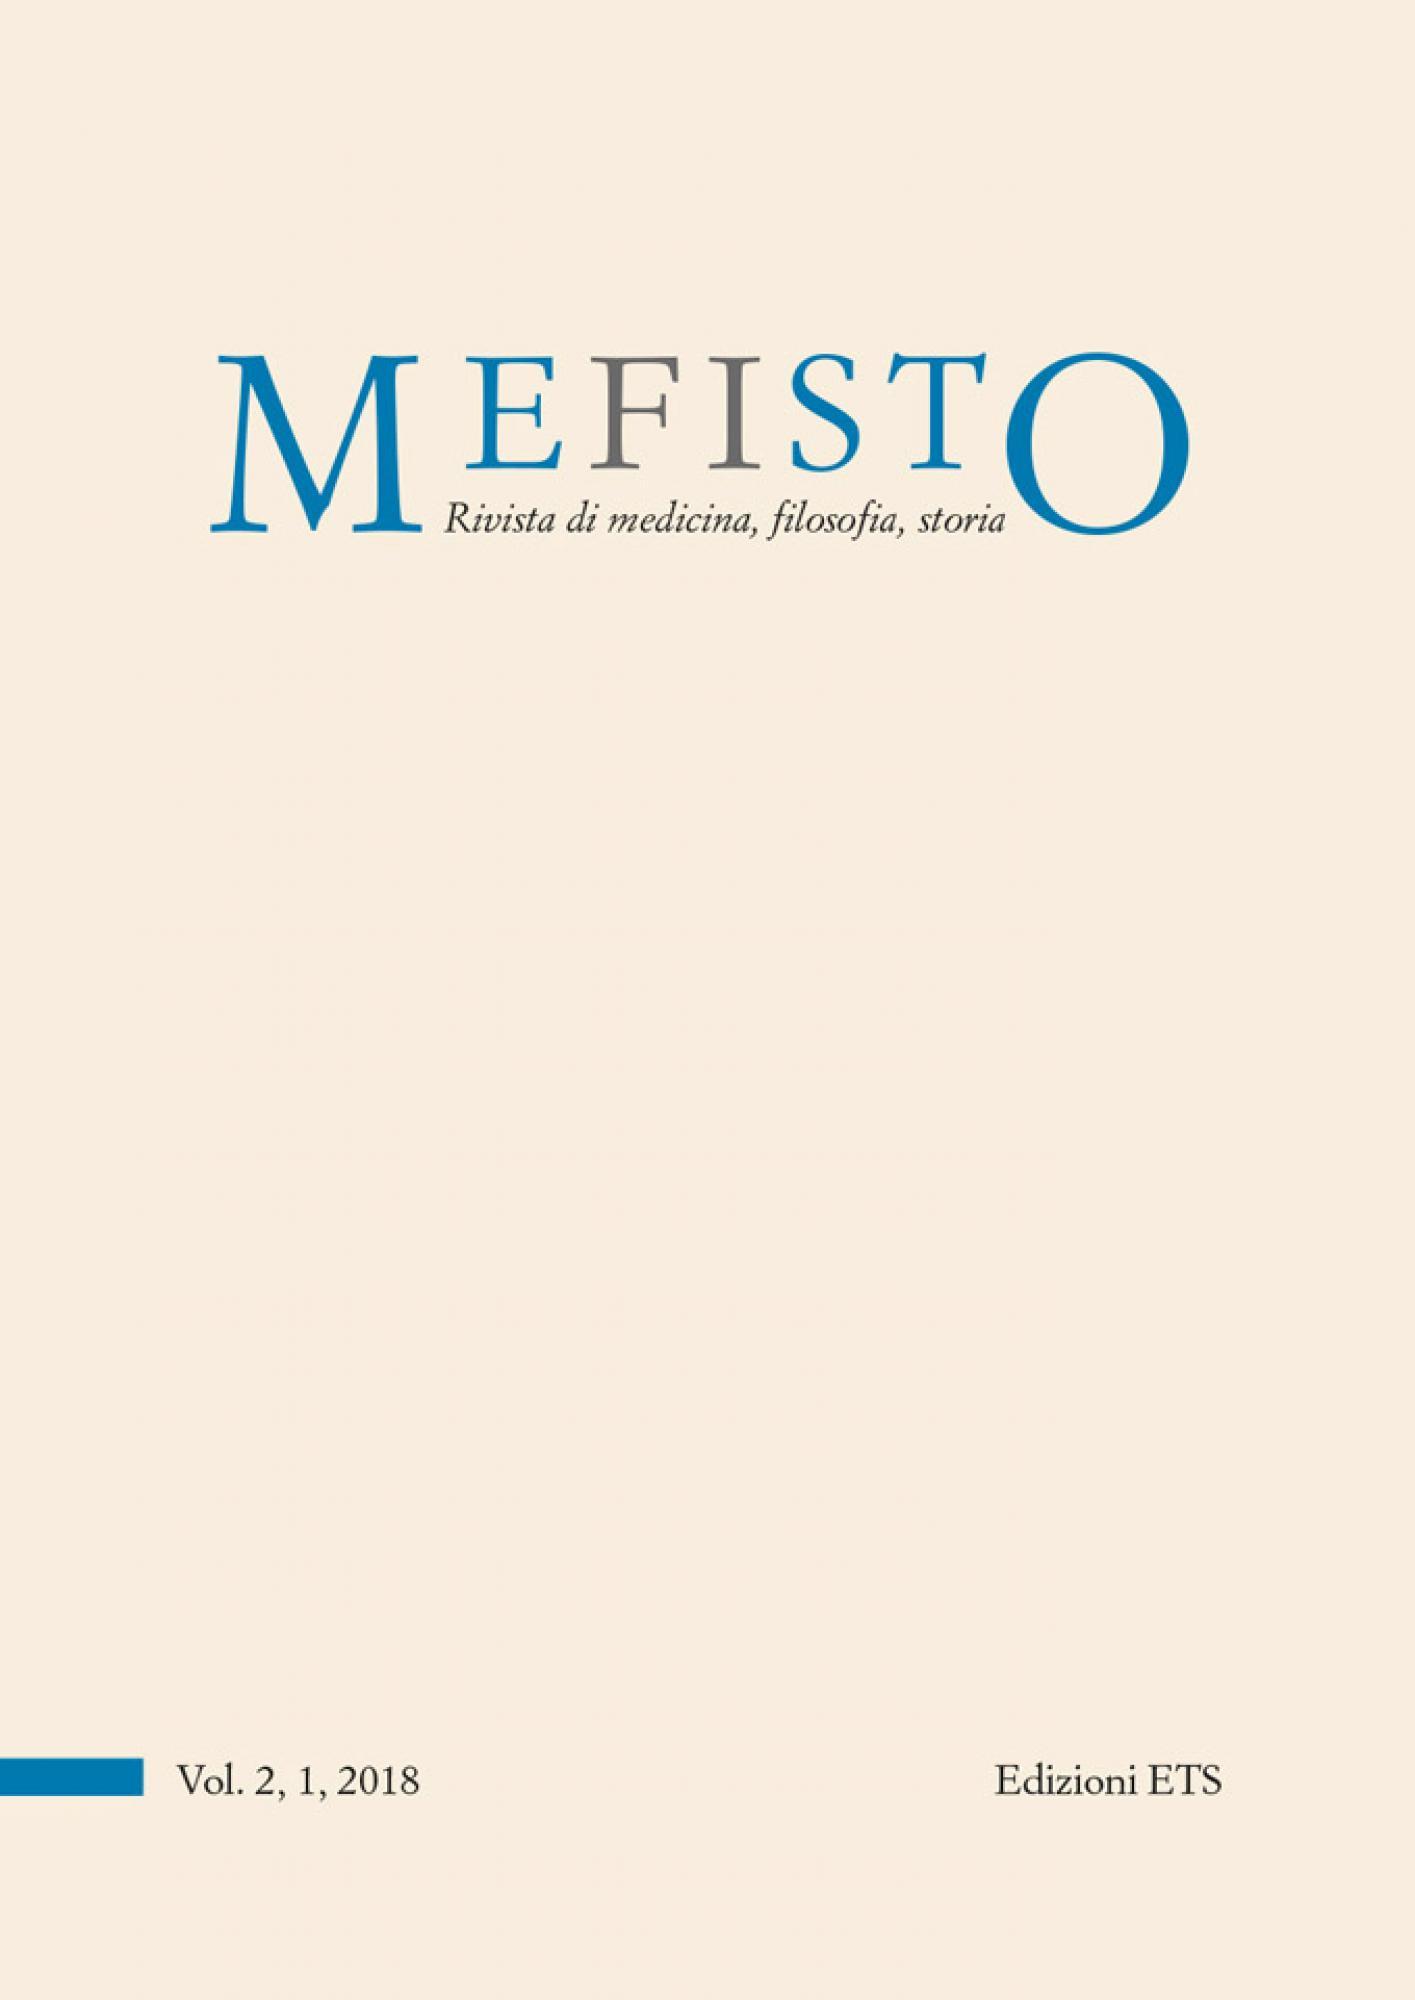 MEFISTO. Rivista di medicina, filosofia, storia.Vol. 2, 1, 2018 (già Medicina&Storia)